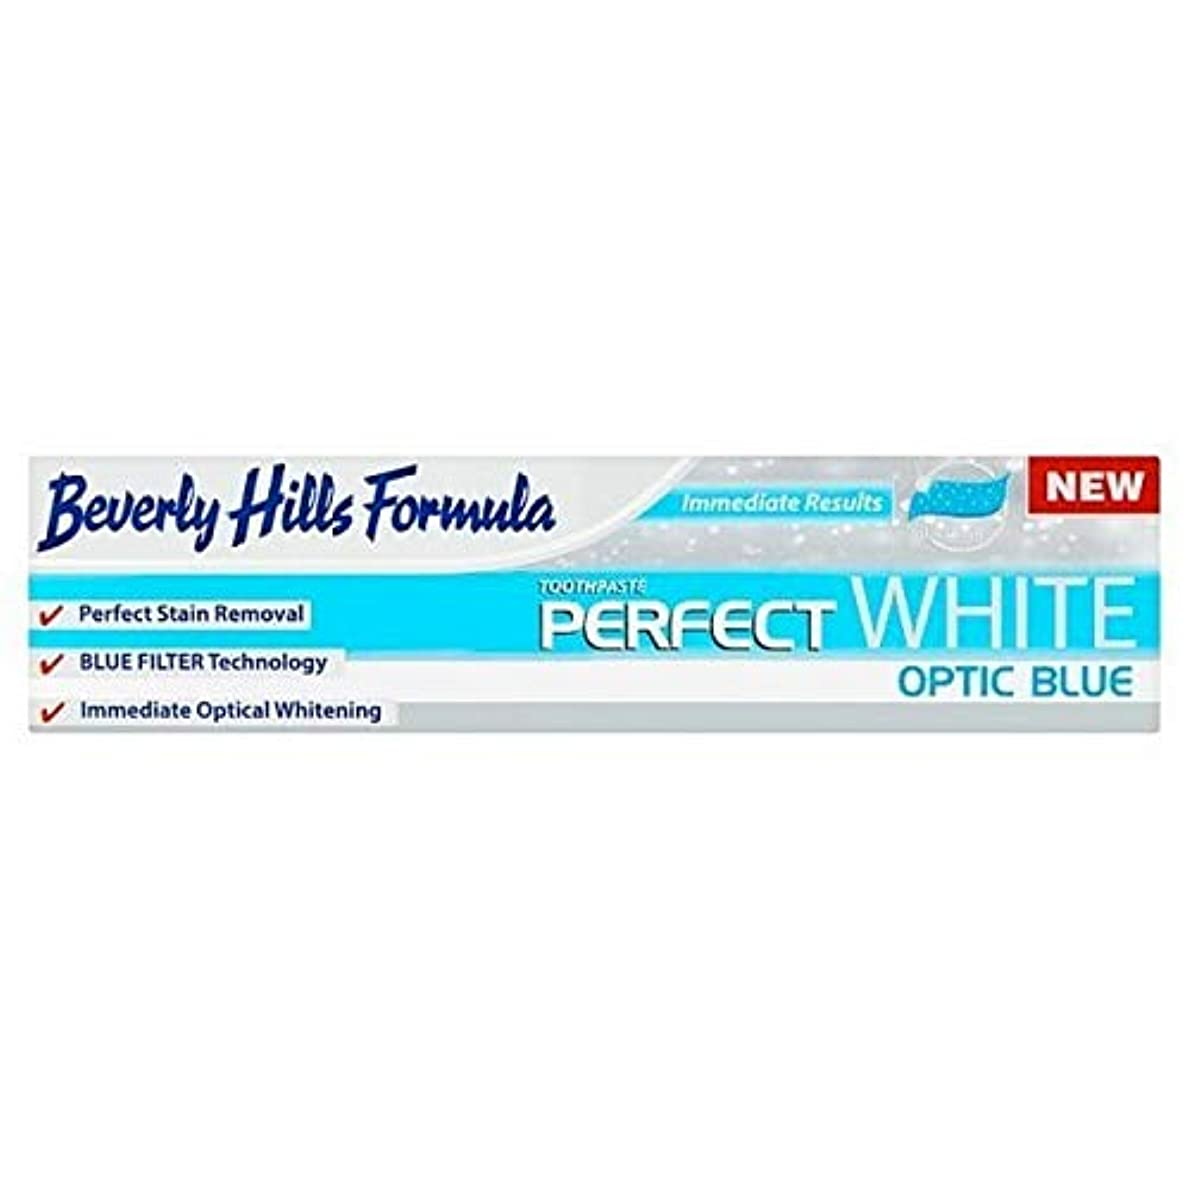 夜明けに統治する三番[Beverly Hills ] ビバリーヒルズ公式パーフェクトホワイト歯磨き粉の100ミリリットル - Beverly Hills Formula Perfect White toothpaste 100ml [並行輸入品]